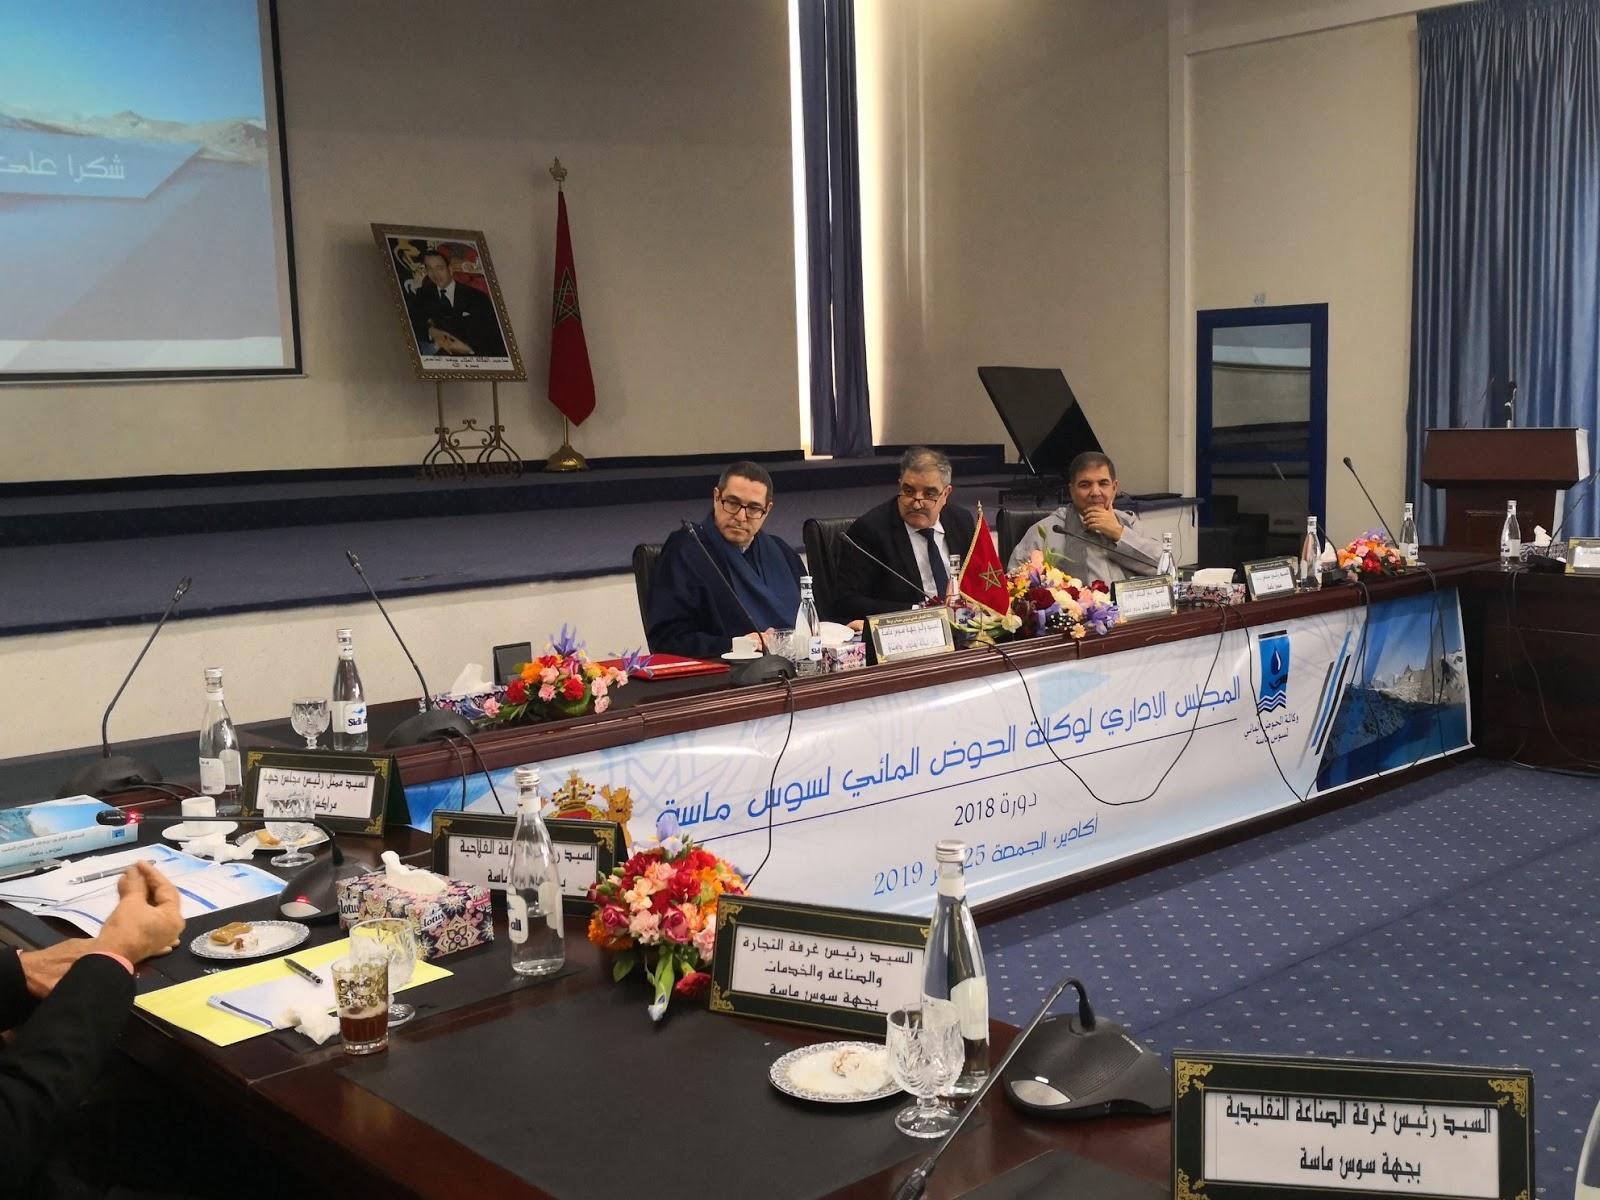 أكادير تحتضن أشغال المجلس الإداري لوكالة الحوض المائي لسوس ماسة